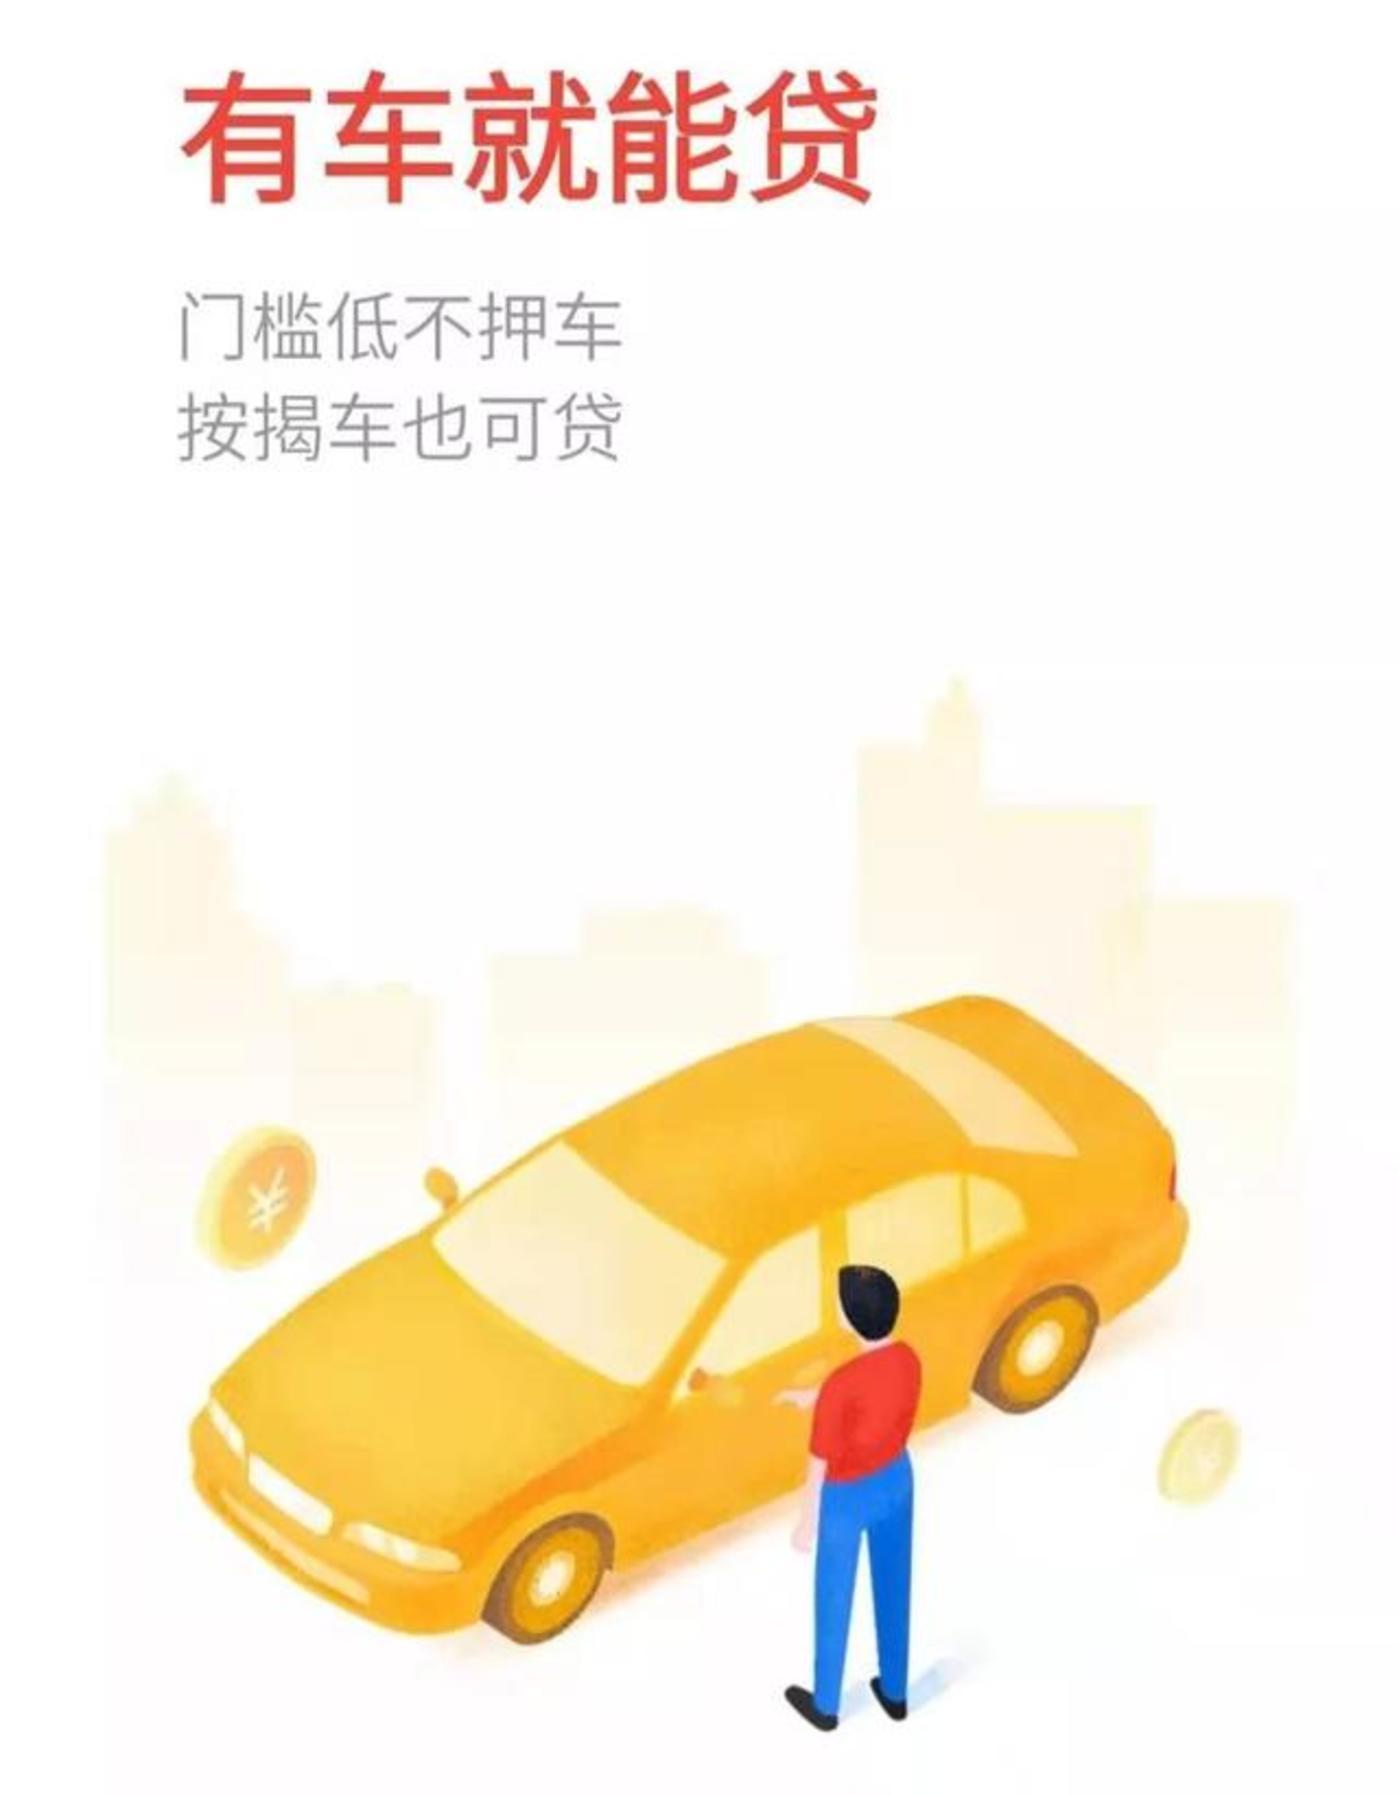 """汽车抵押贷:野蛮生长的""""坑蒙""""江湖"""